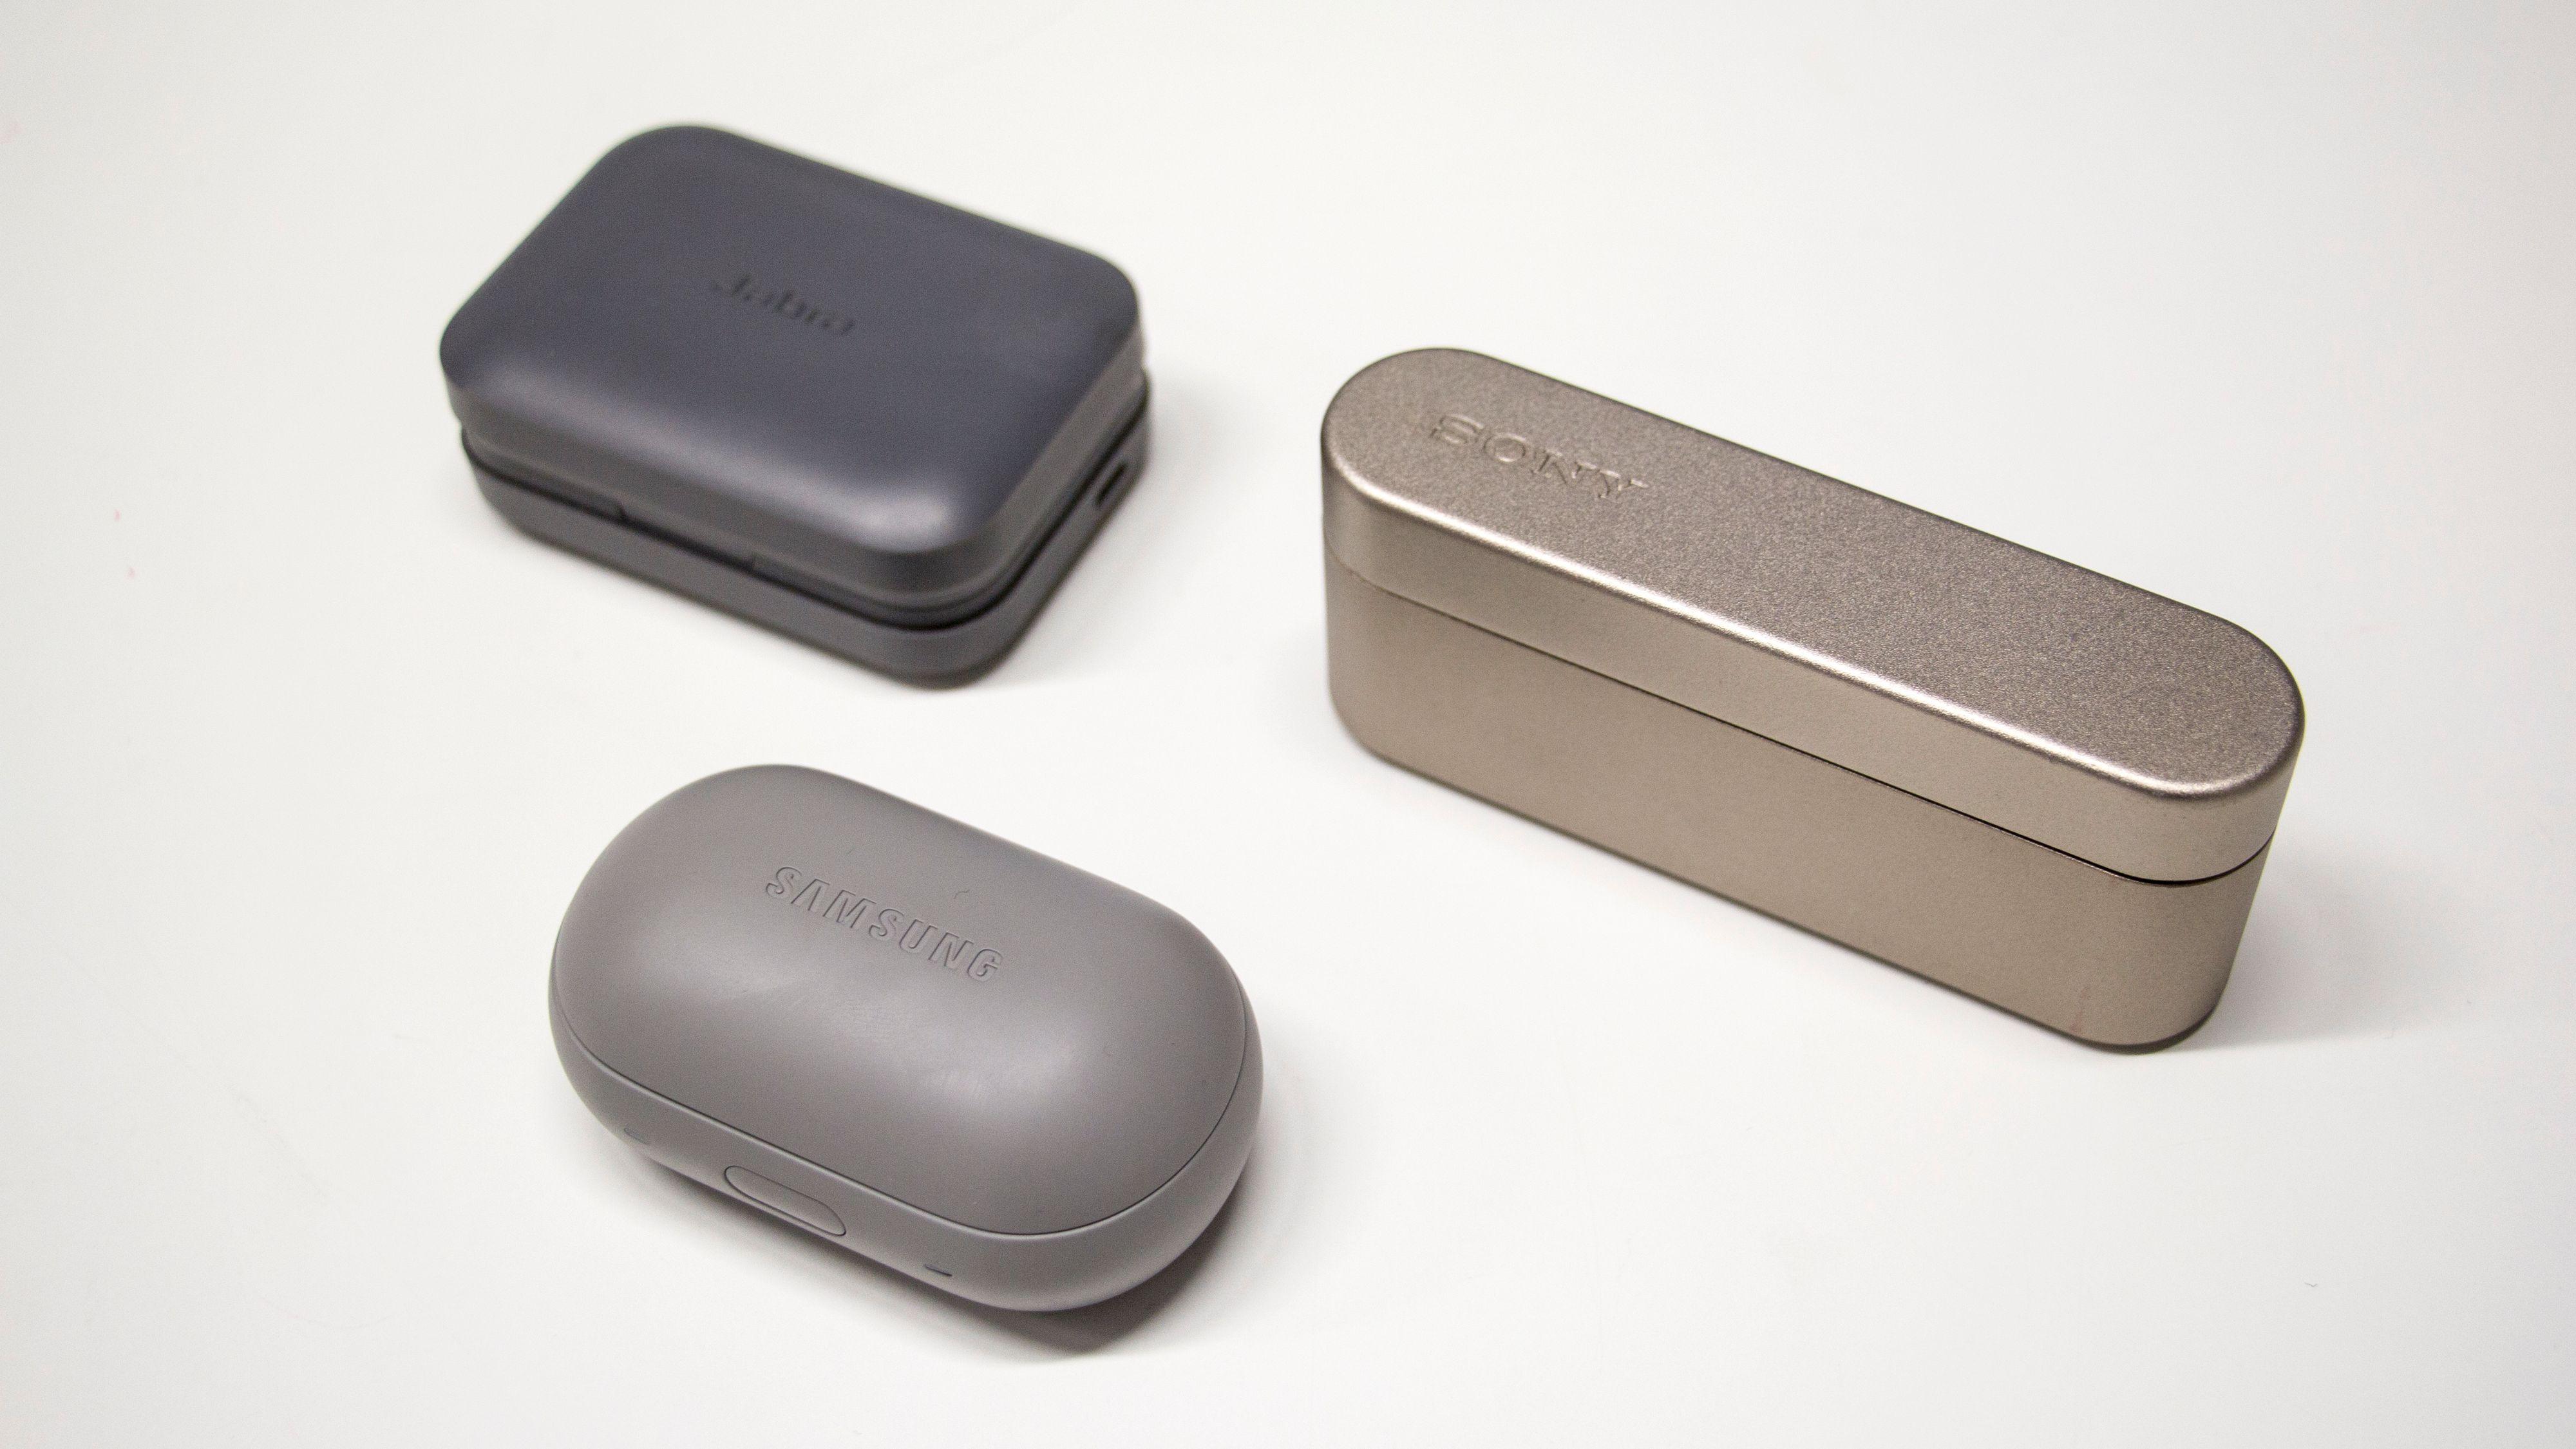 Samsungs etui er litt mer kompakt enn de øvrige, men samtidig litt mer klumpete. Øverst til venstre Jabra, til høyre Sony. Bilde: Stein Jarle Olsen, Tek.no